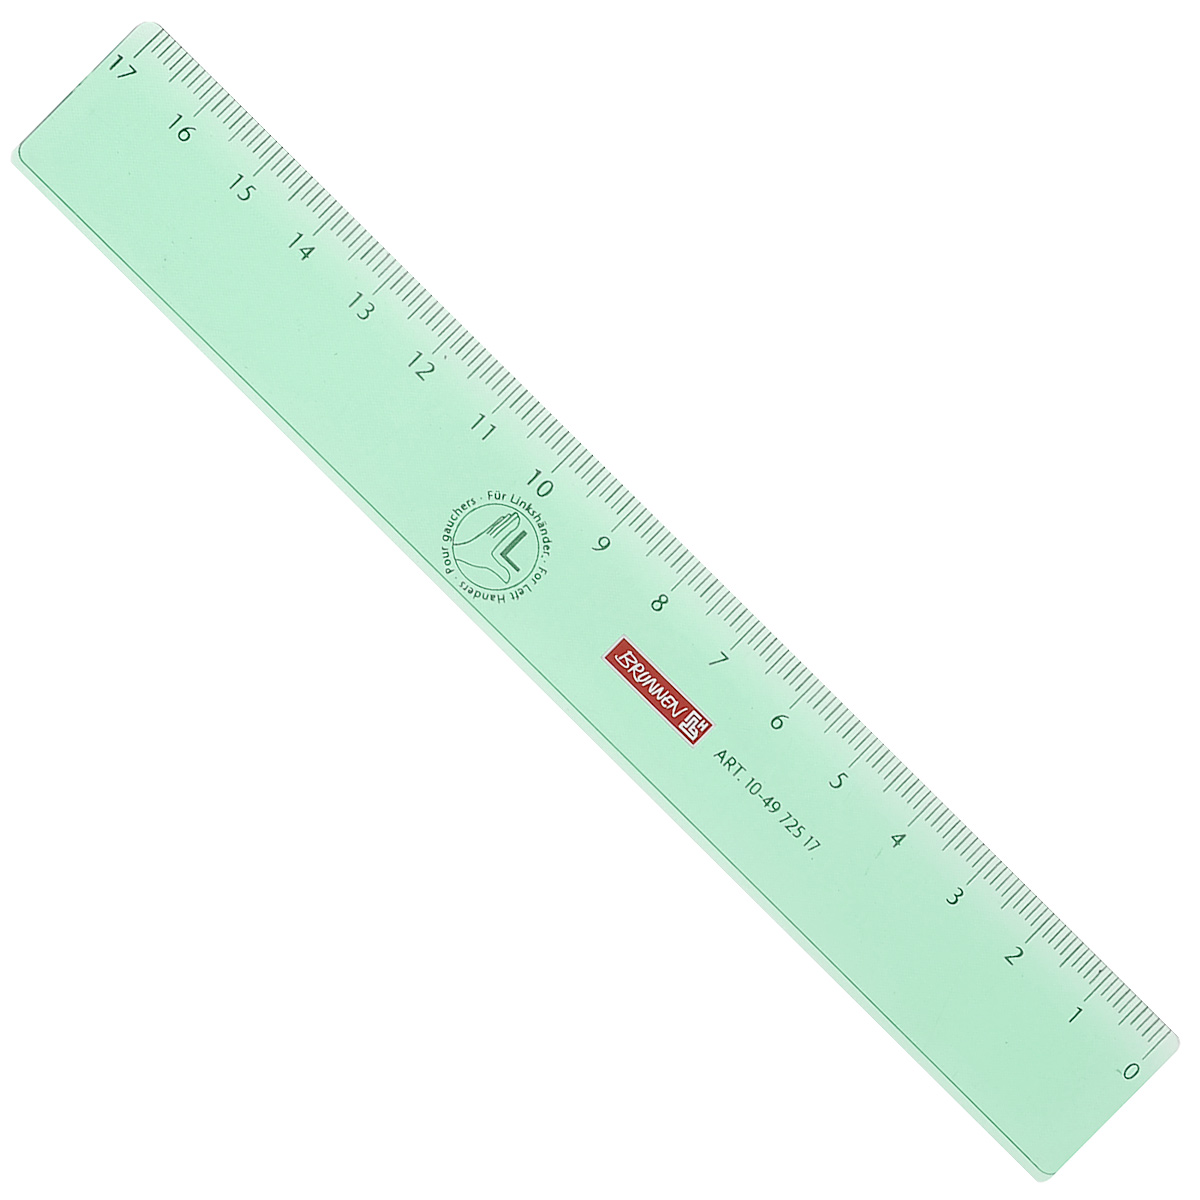 Линейка для левши Brunnen, цвет: зеленый, 17 см191510_бирюзовыйЛинейка Brunnen, длиной 17 см, выполнена из прозрачного пластика зеленого цвета. Линейка предназначена специально для левшей. Шкала на линейке расположена справа налево. Линейка Brunnen - это незаменимый атрибут, необходимый школьнику или студенту, упрощающий измерение и обеспечивающий ровность проводимых линий.